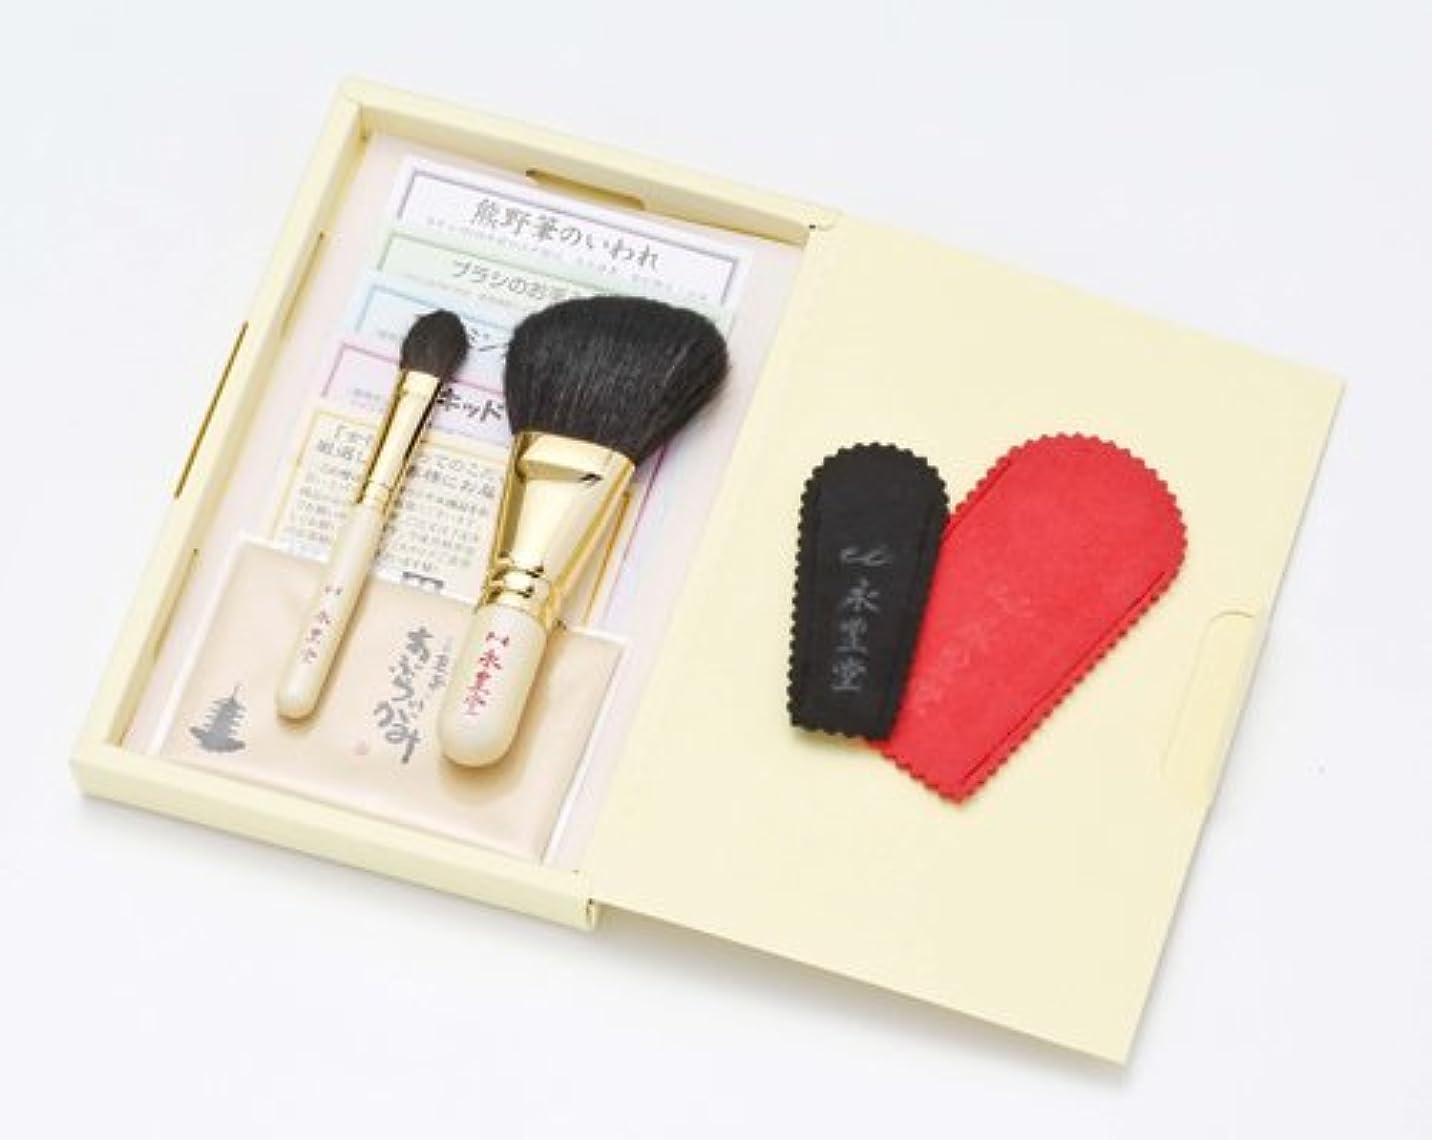 集中したがって技術的な広島熊野筆 パールホワイト メイクブラシ ギフトセット №4